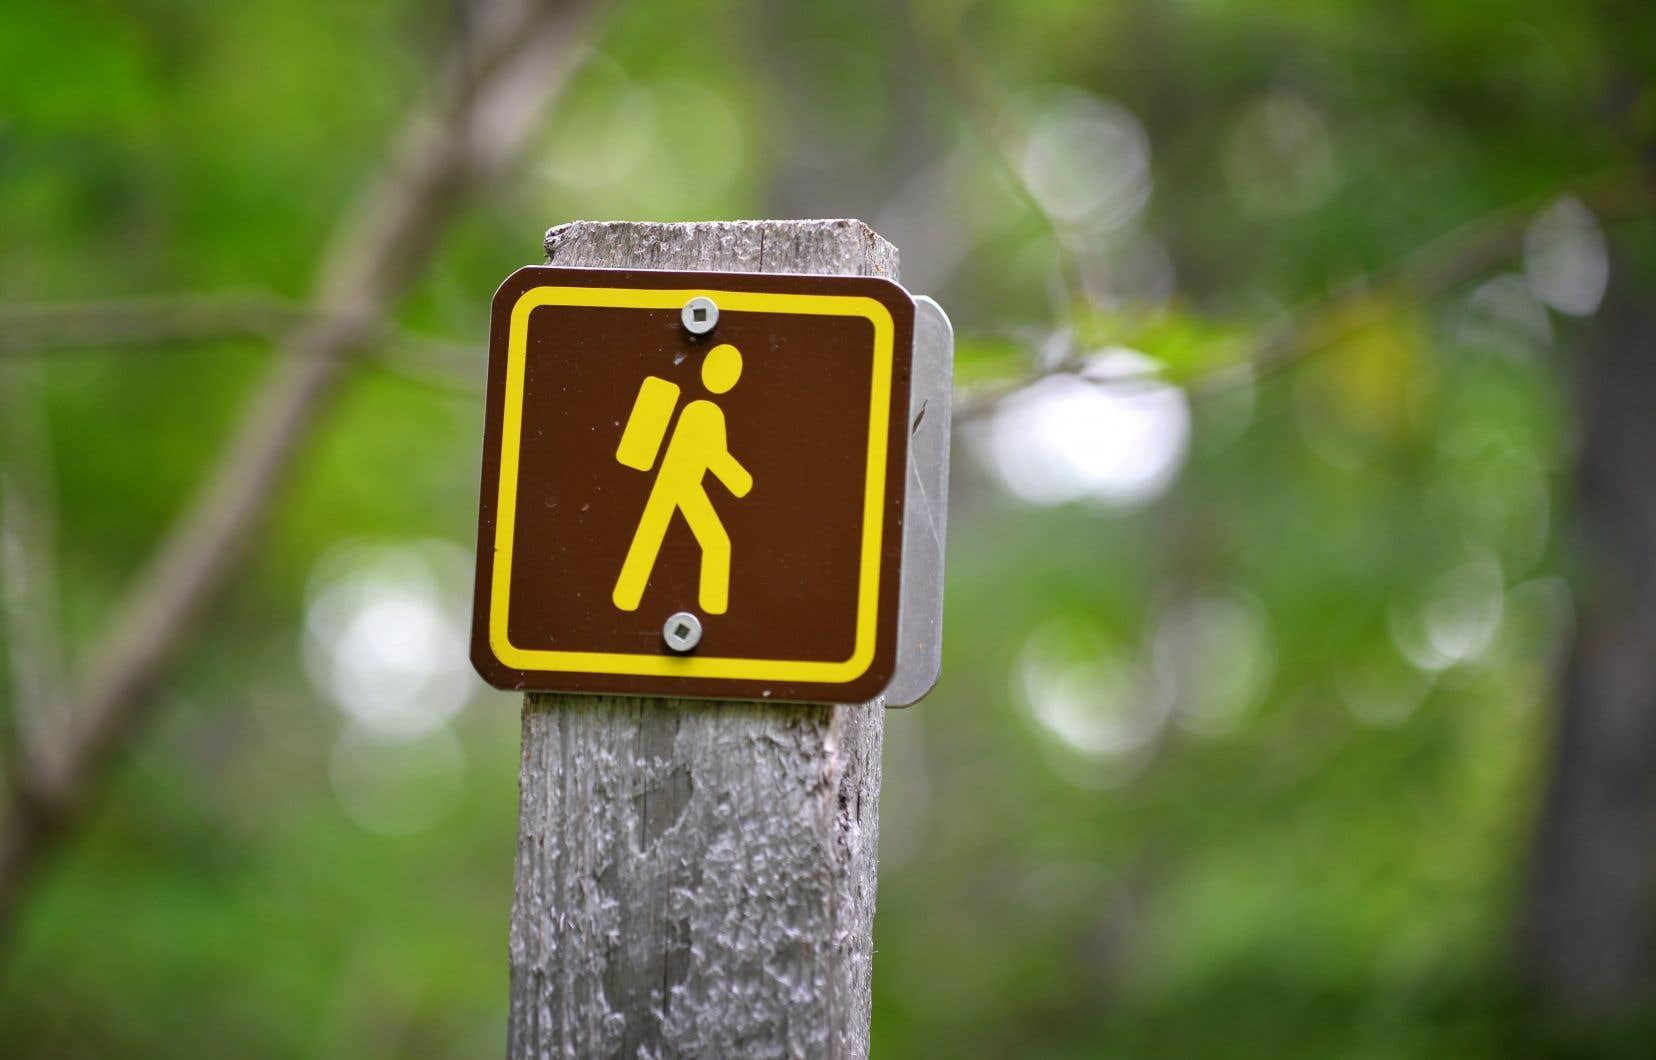 L'accès aux parcs nationaux et à leurs hébergements sera préservé durant la grève, a assuré la direction.